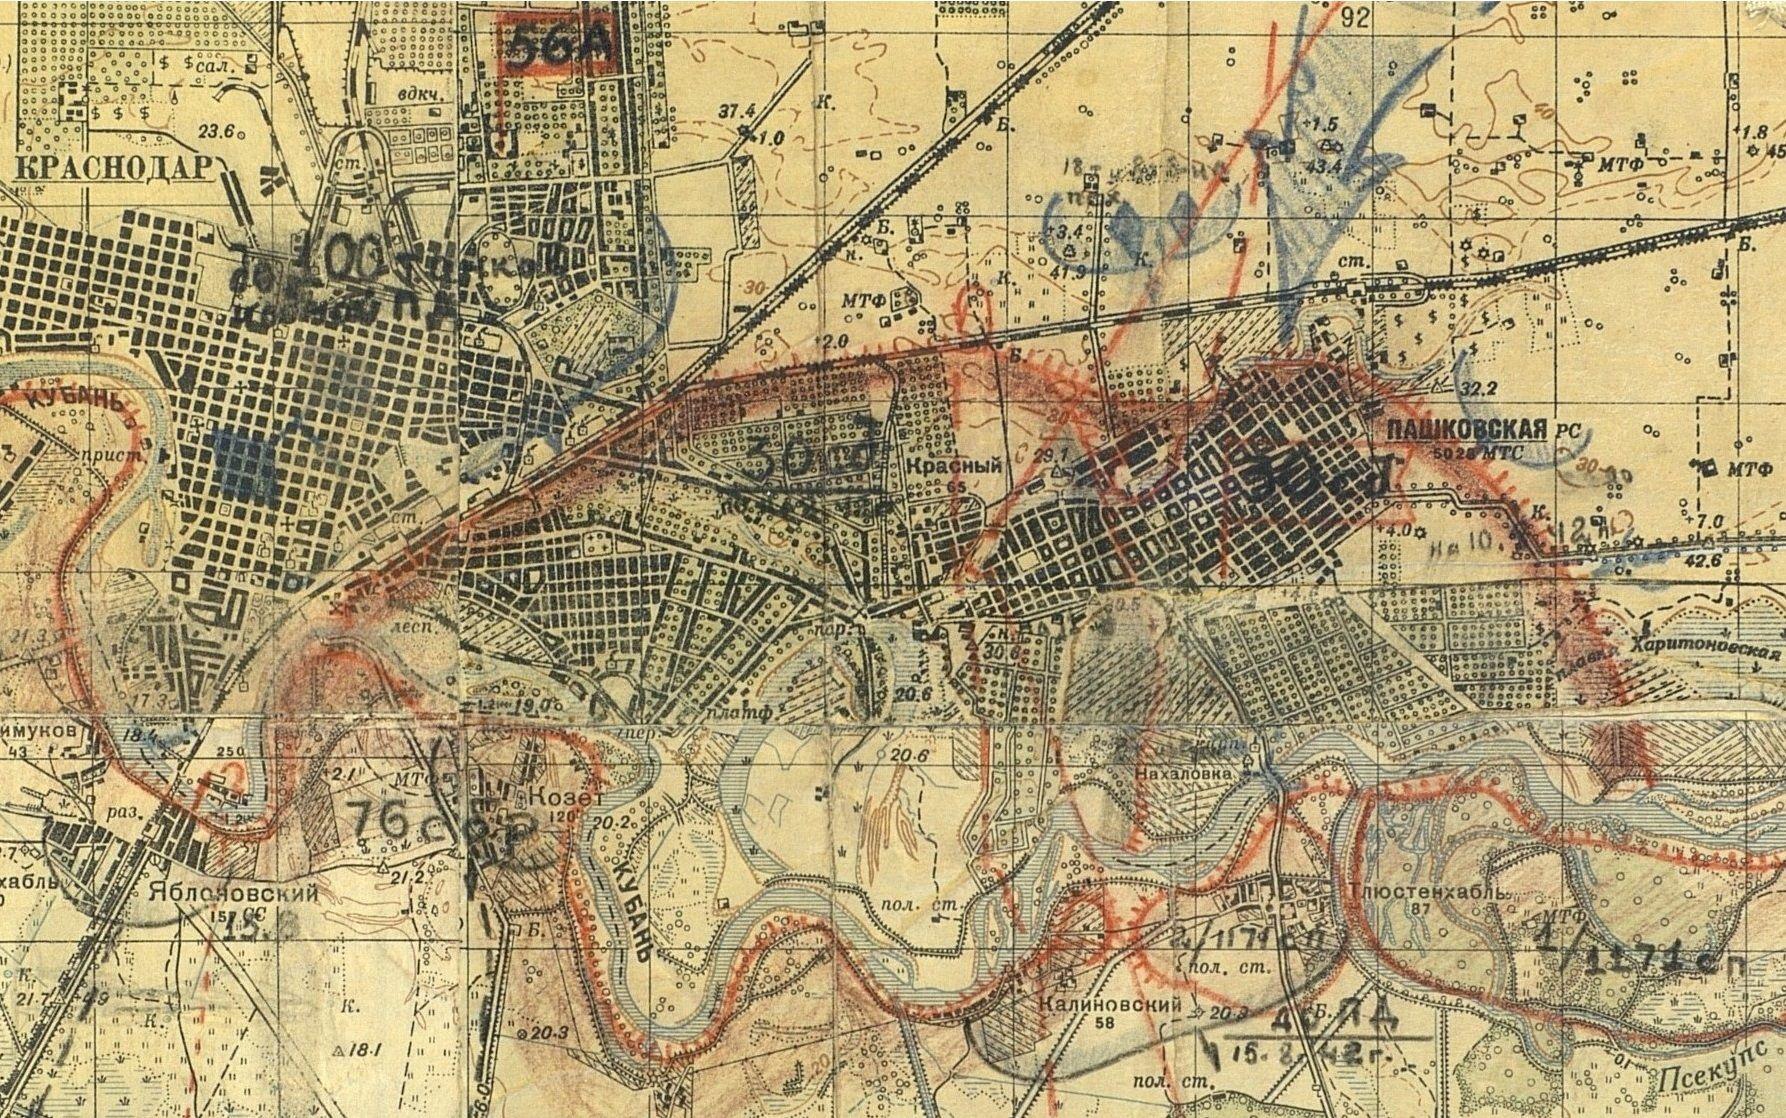 Карта позиций 30-й Иркутской дивизии 10 августа 1942 года ©Фото с сайта pamyat-naroda.ru